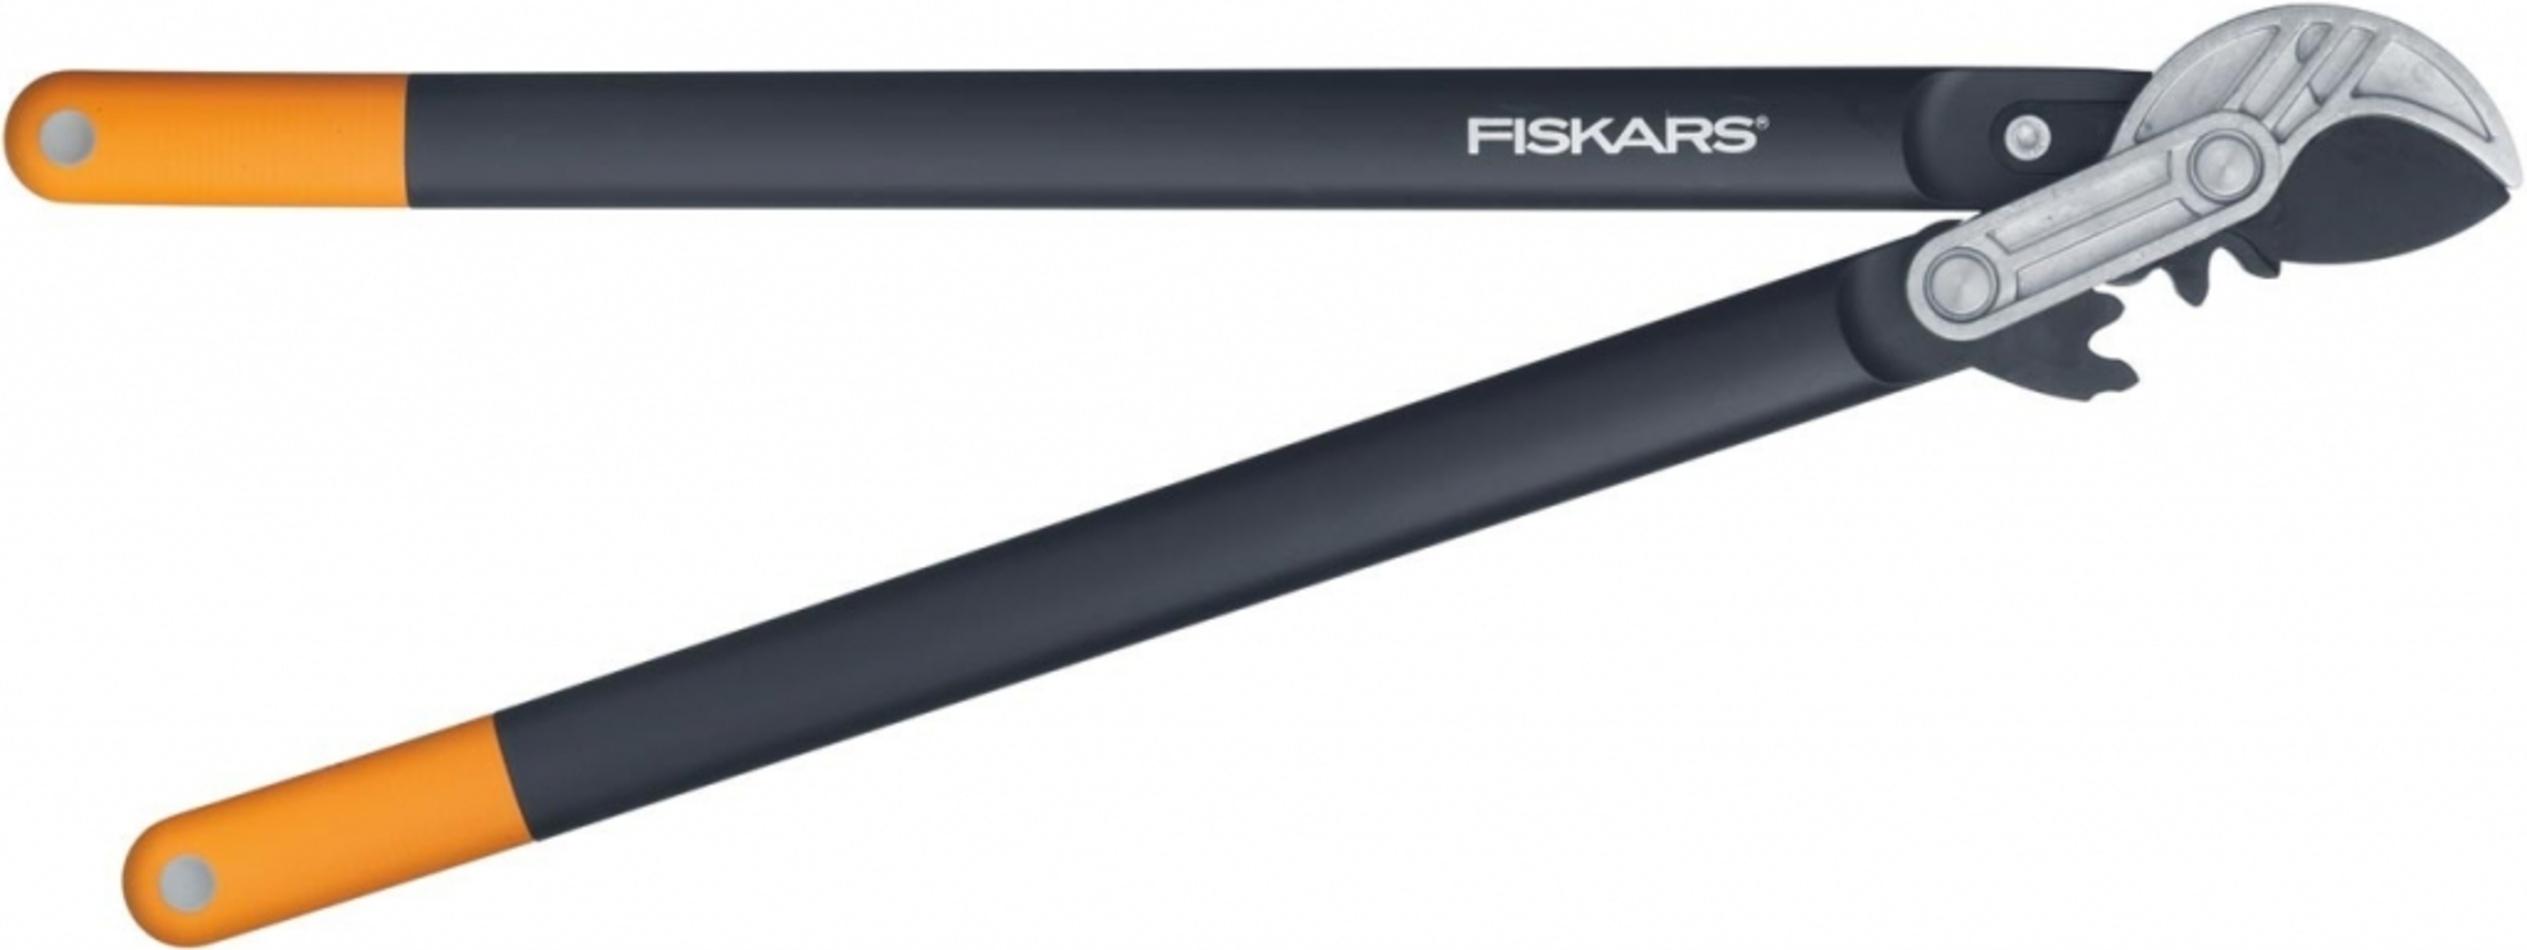 Fiskars 112580